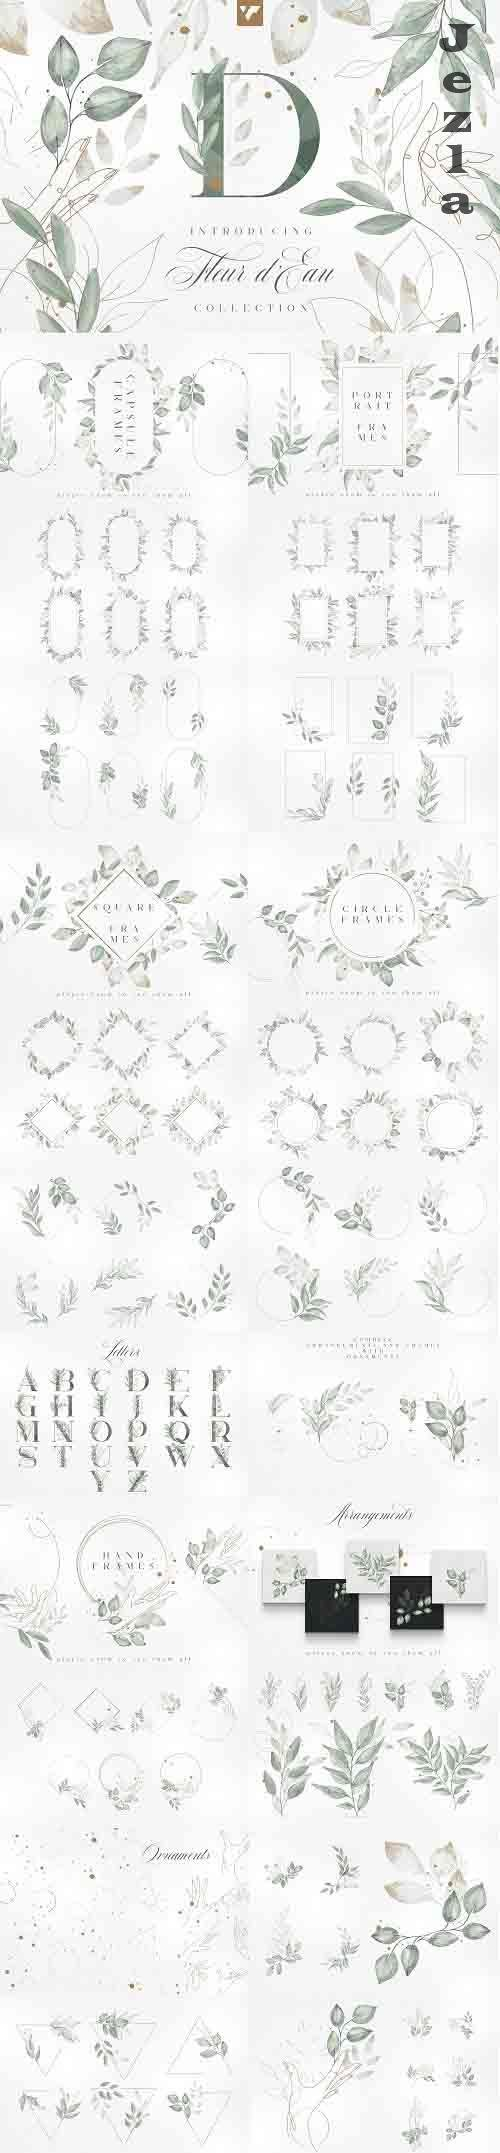 Fleur d'Eau Graphic Collection - 5861118